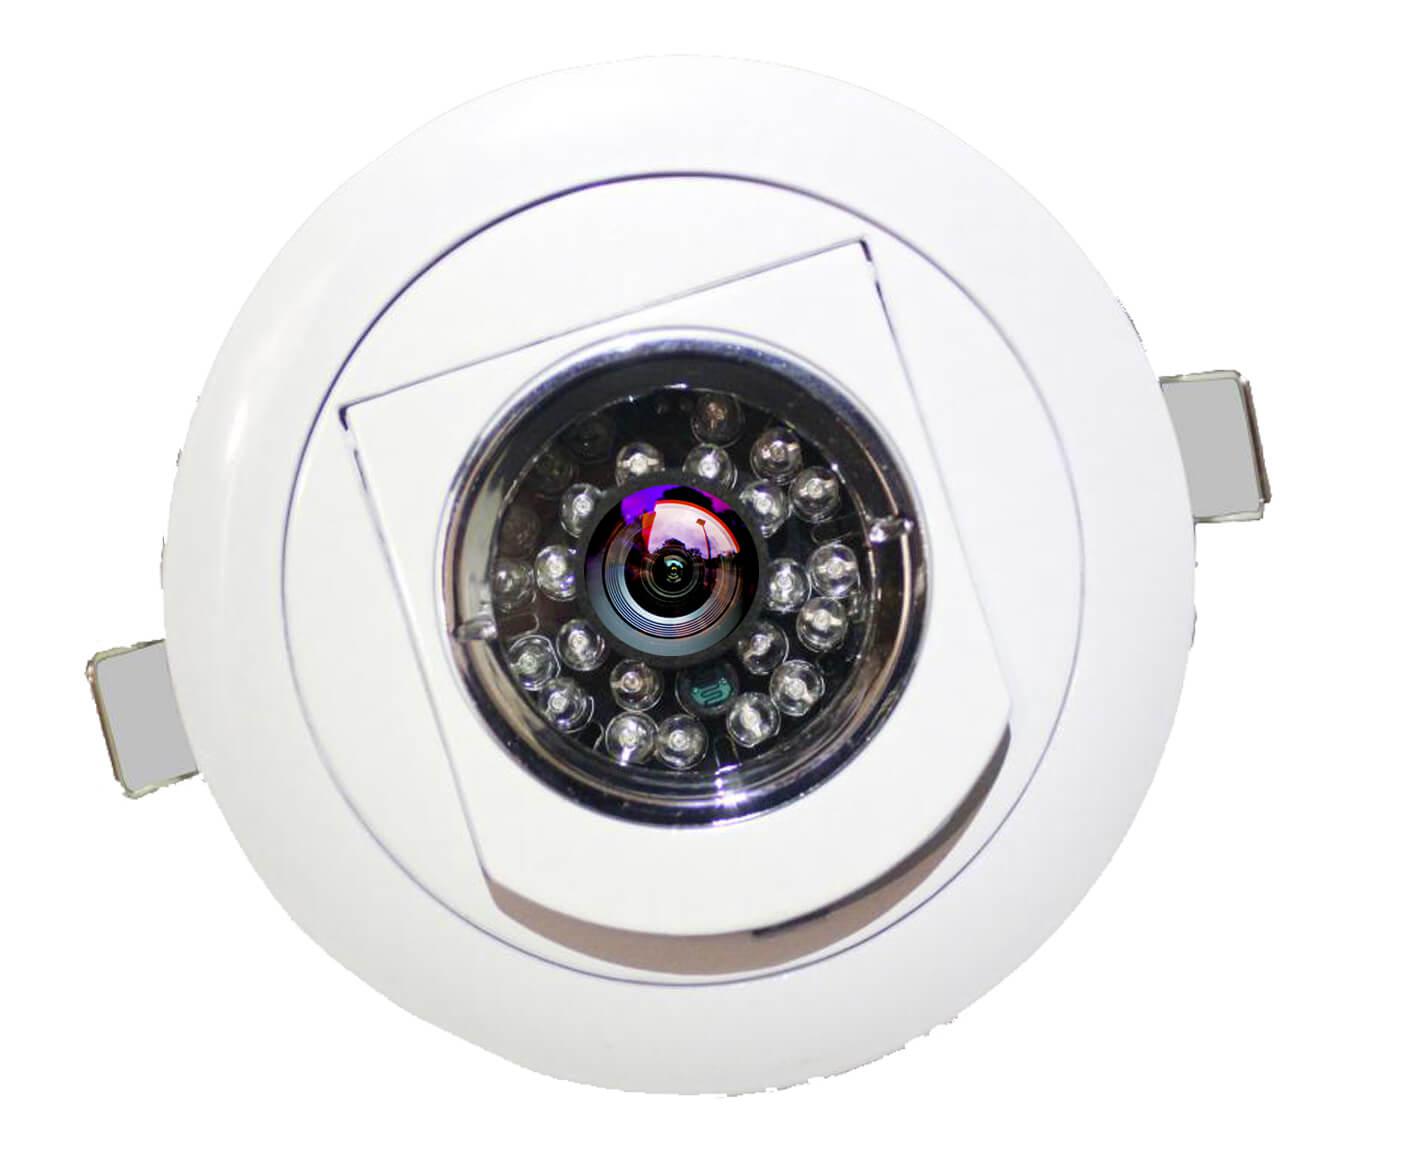 tanin watch TW 1006 ceiling Down light hidden till camera 2 MP professional HD